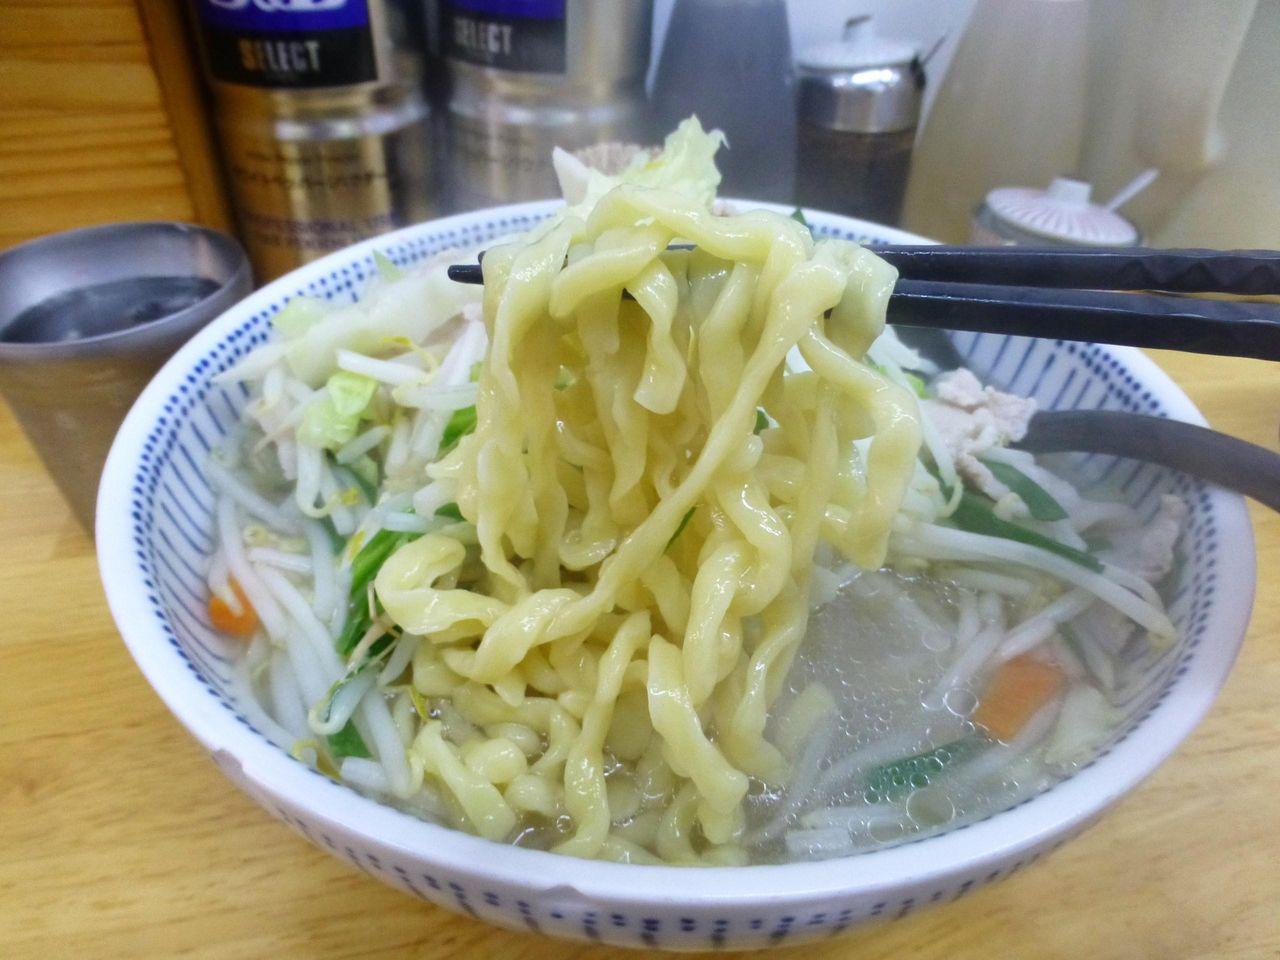 極太の平打ち縮れ麺は、コシが強く凶暴な食感!